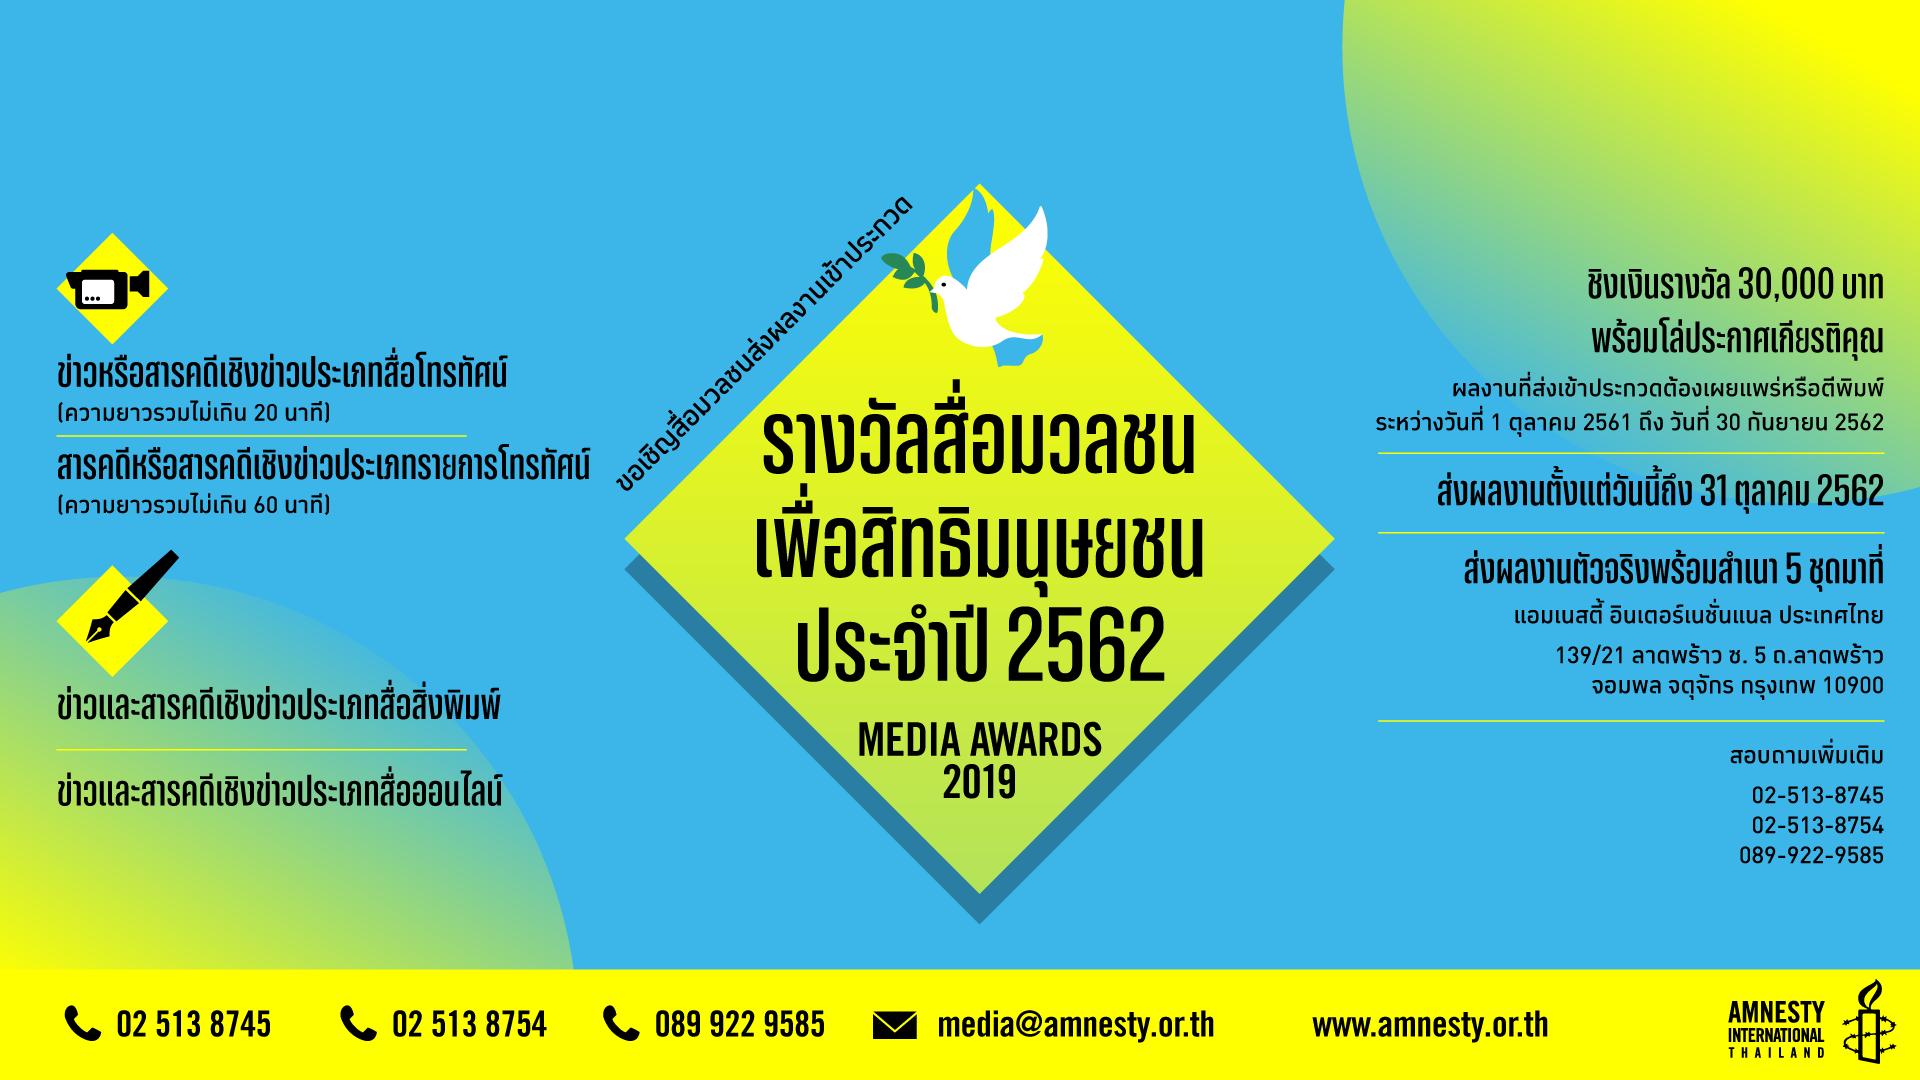 แอมเนสตี้ อินเตอร์เนชั่นแนล ประเทศไทย